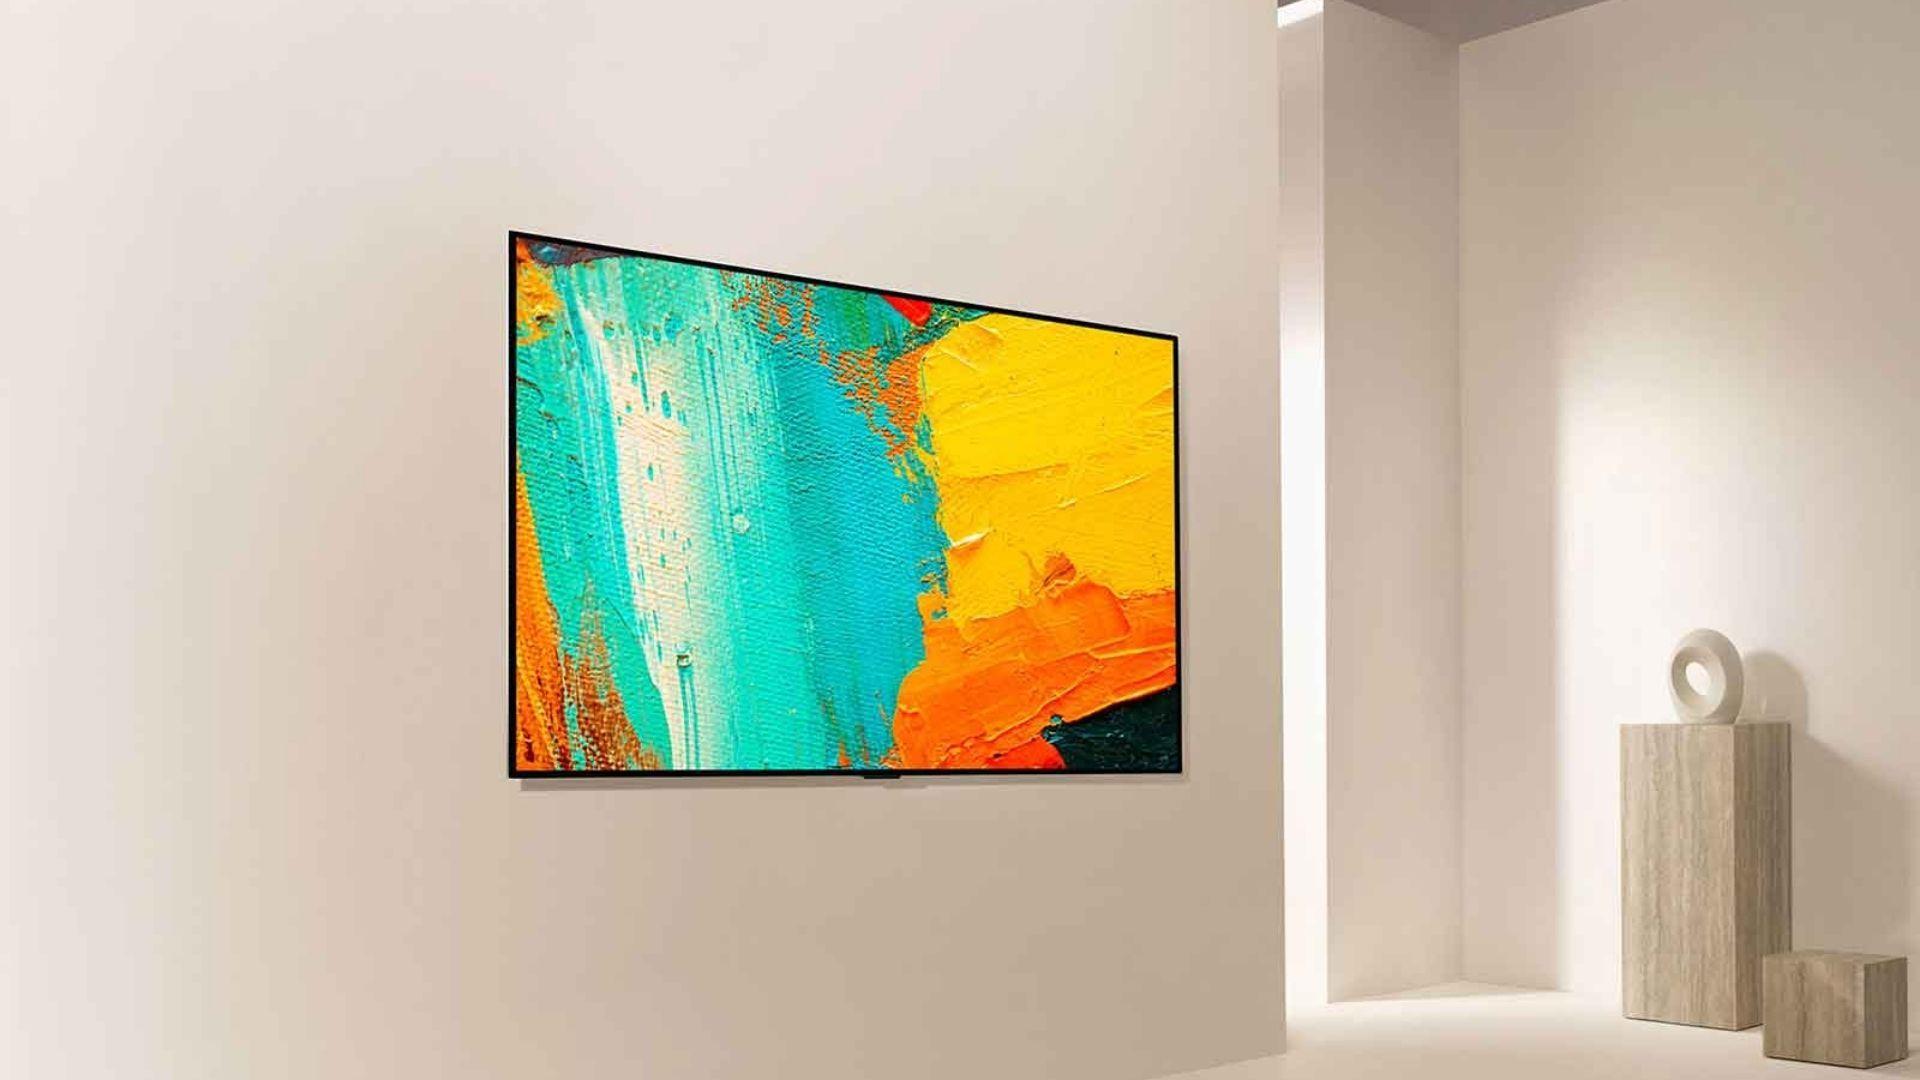 TV LG OLED GX pode ser utilizada em diferentes ambientes tanto como TV quanto como obra de ar. (Imagem: Divulgação/LG)